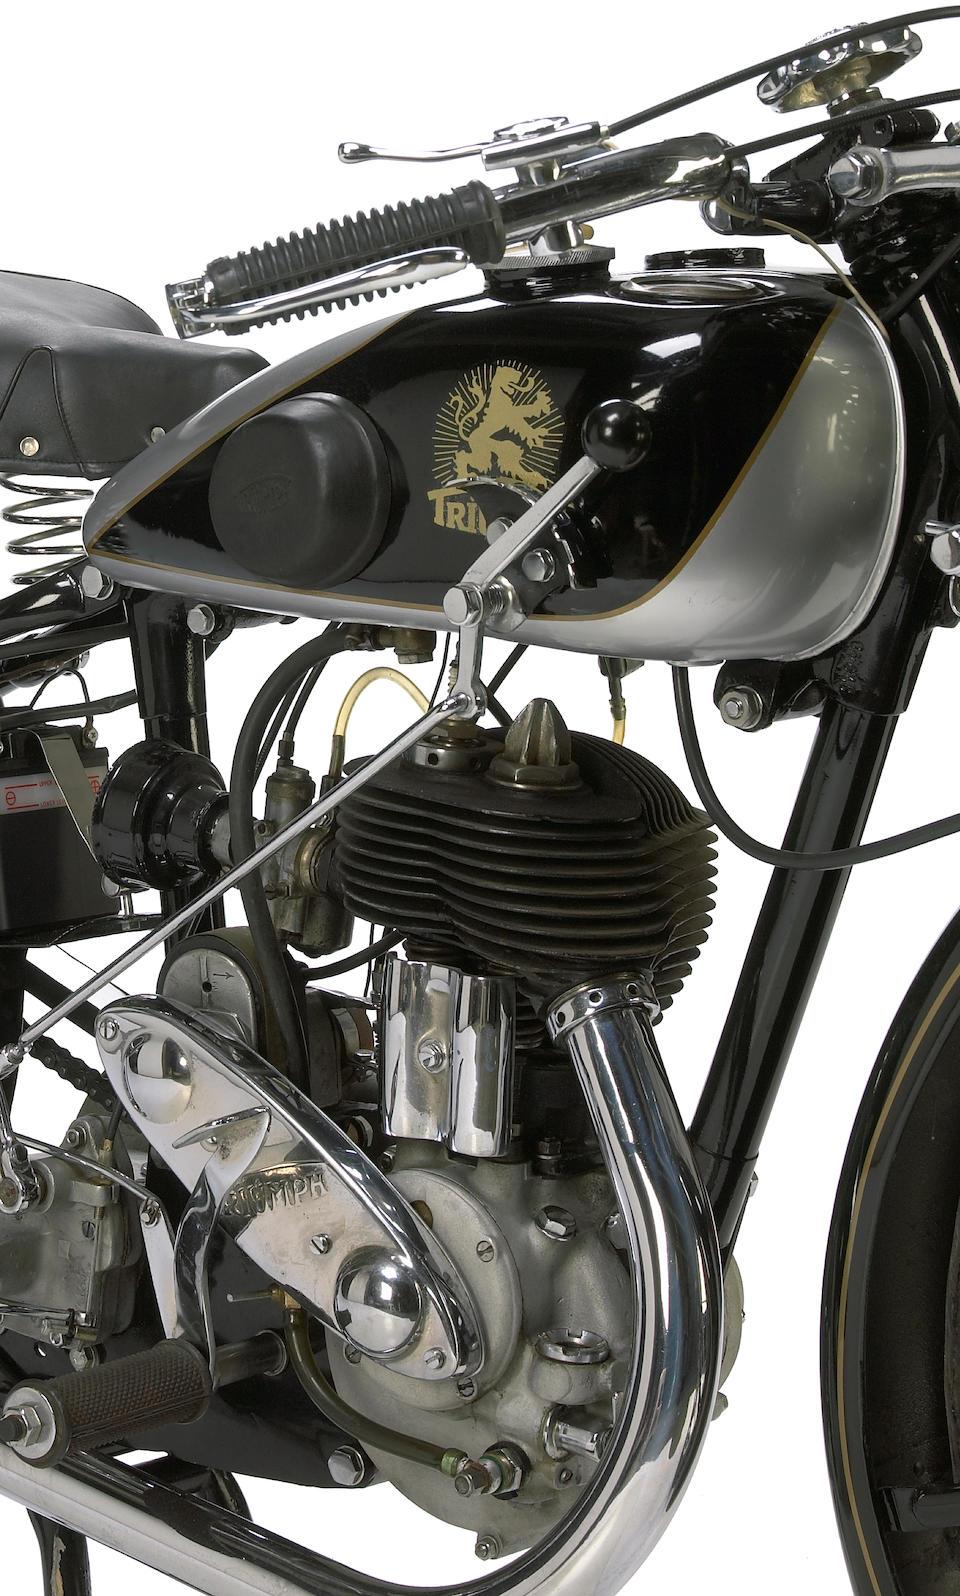 1928 Triumph 500 Nuremberg Frame no. 881908 Engine no. 1610014